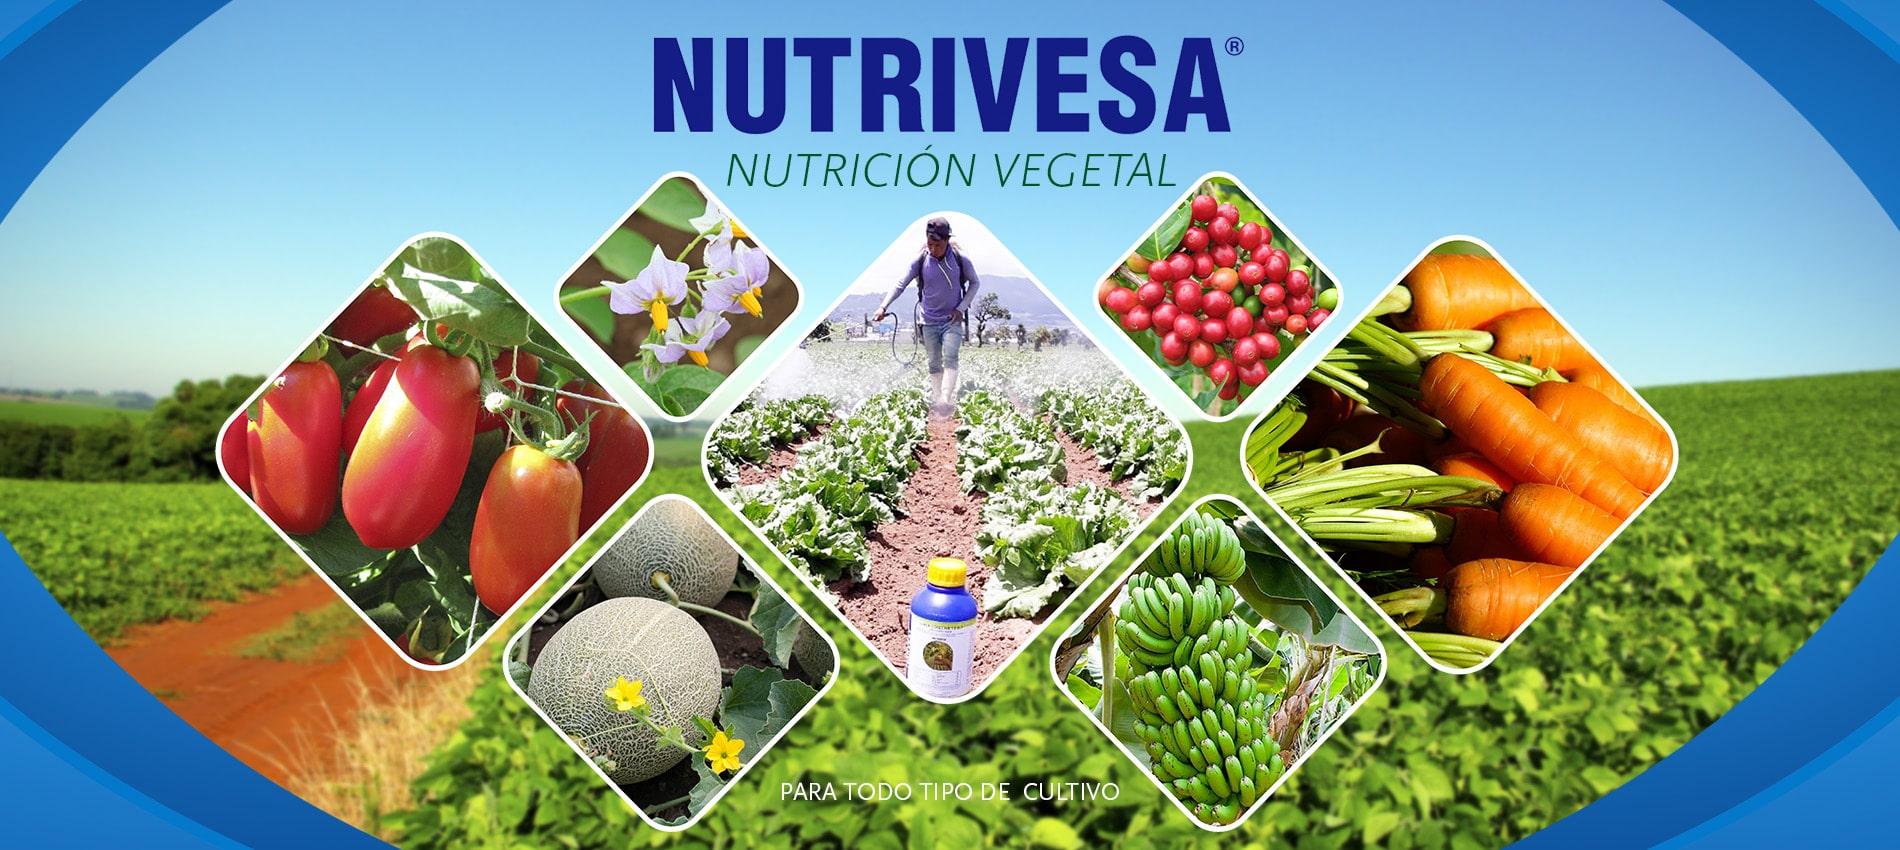 Nutrición Vegetal NUTRIVESA | Nutrivesa